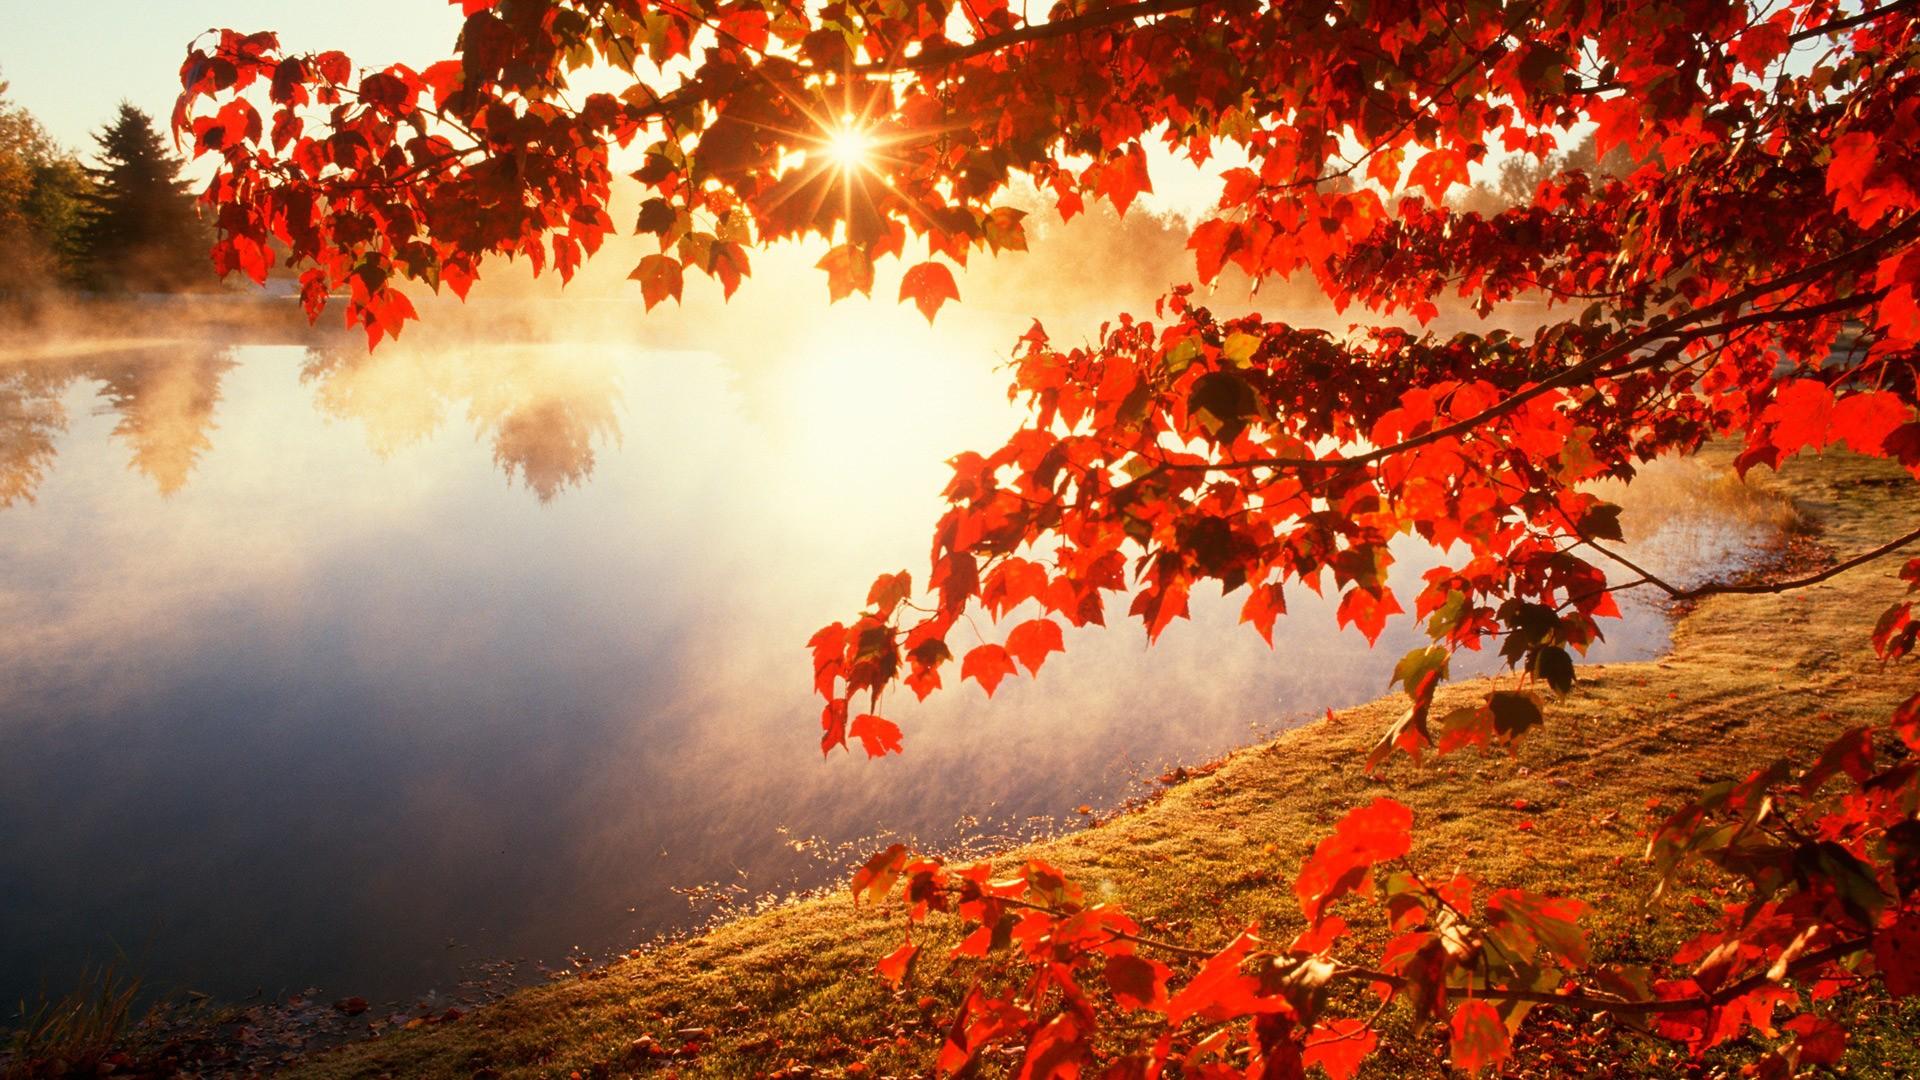 Beautiful Fall Desktop Backgrounds 1920x1080 Hd